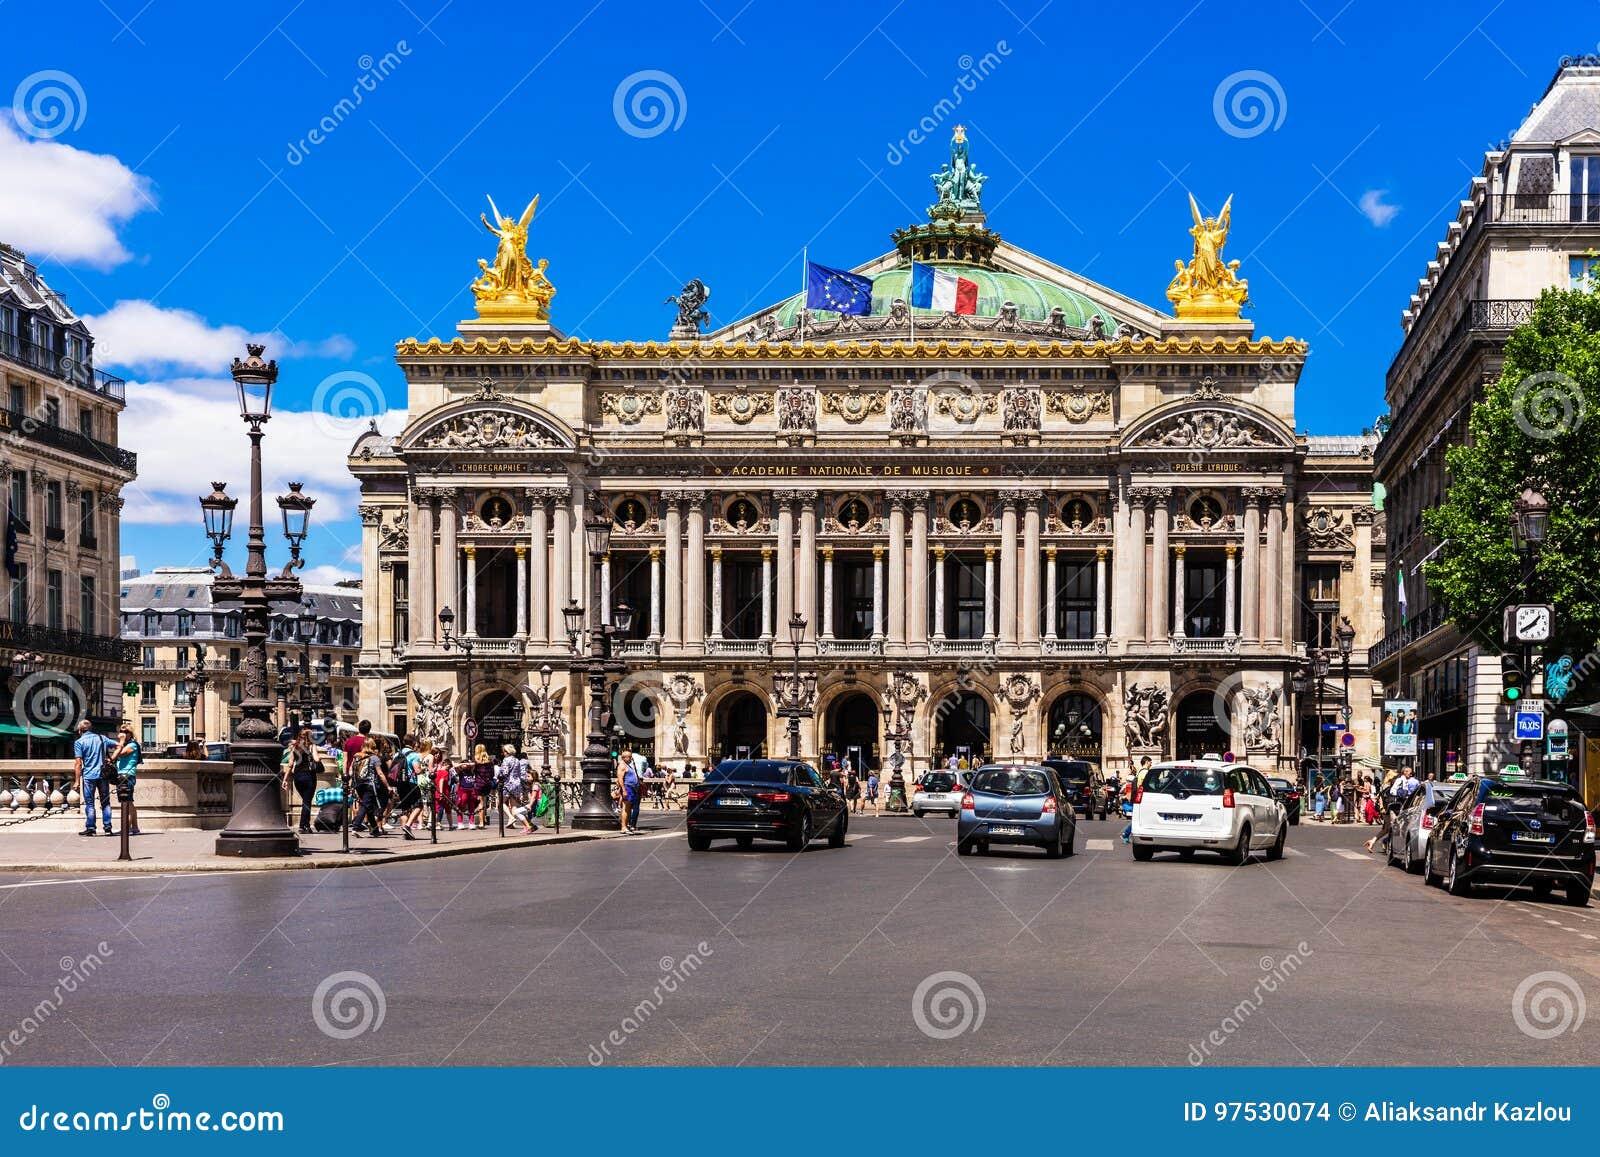 Opera obywatel de Paryż - Uroczystej opery opera Garnier Paryż, Fr